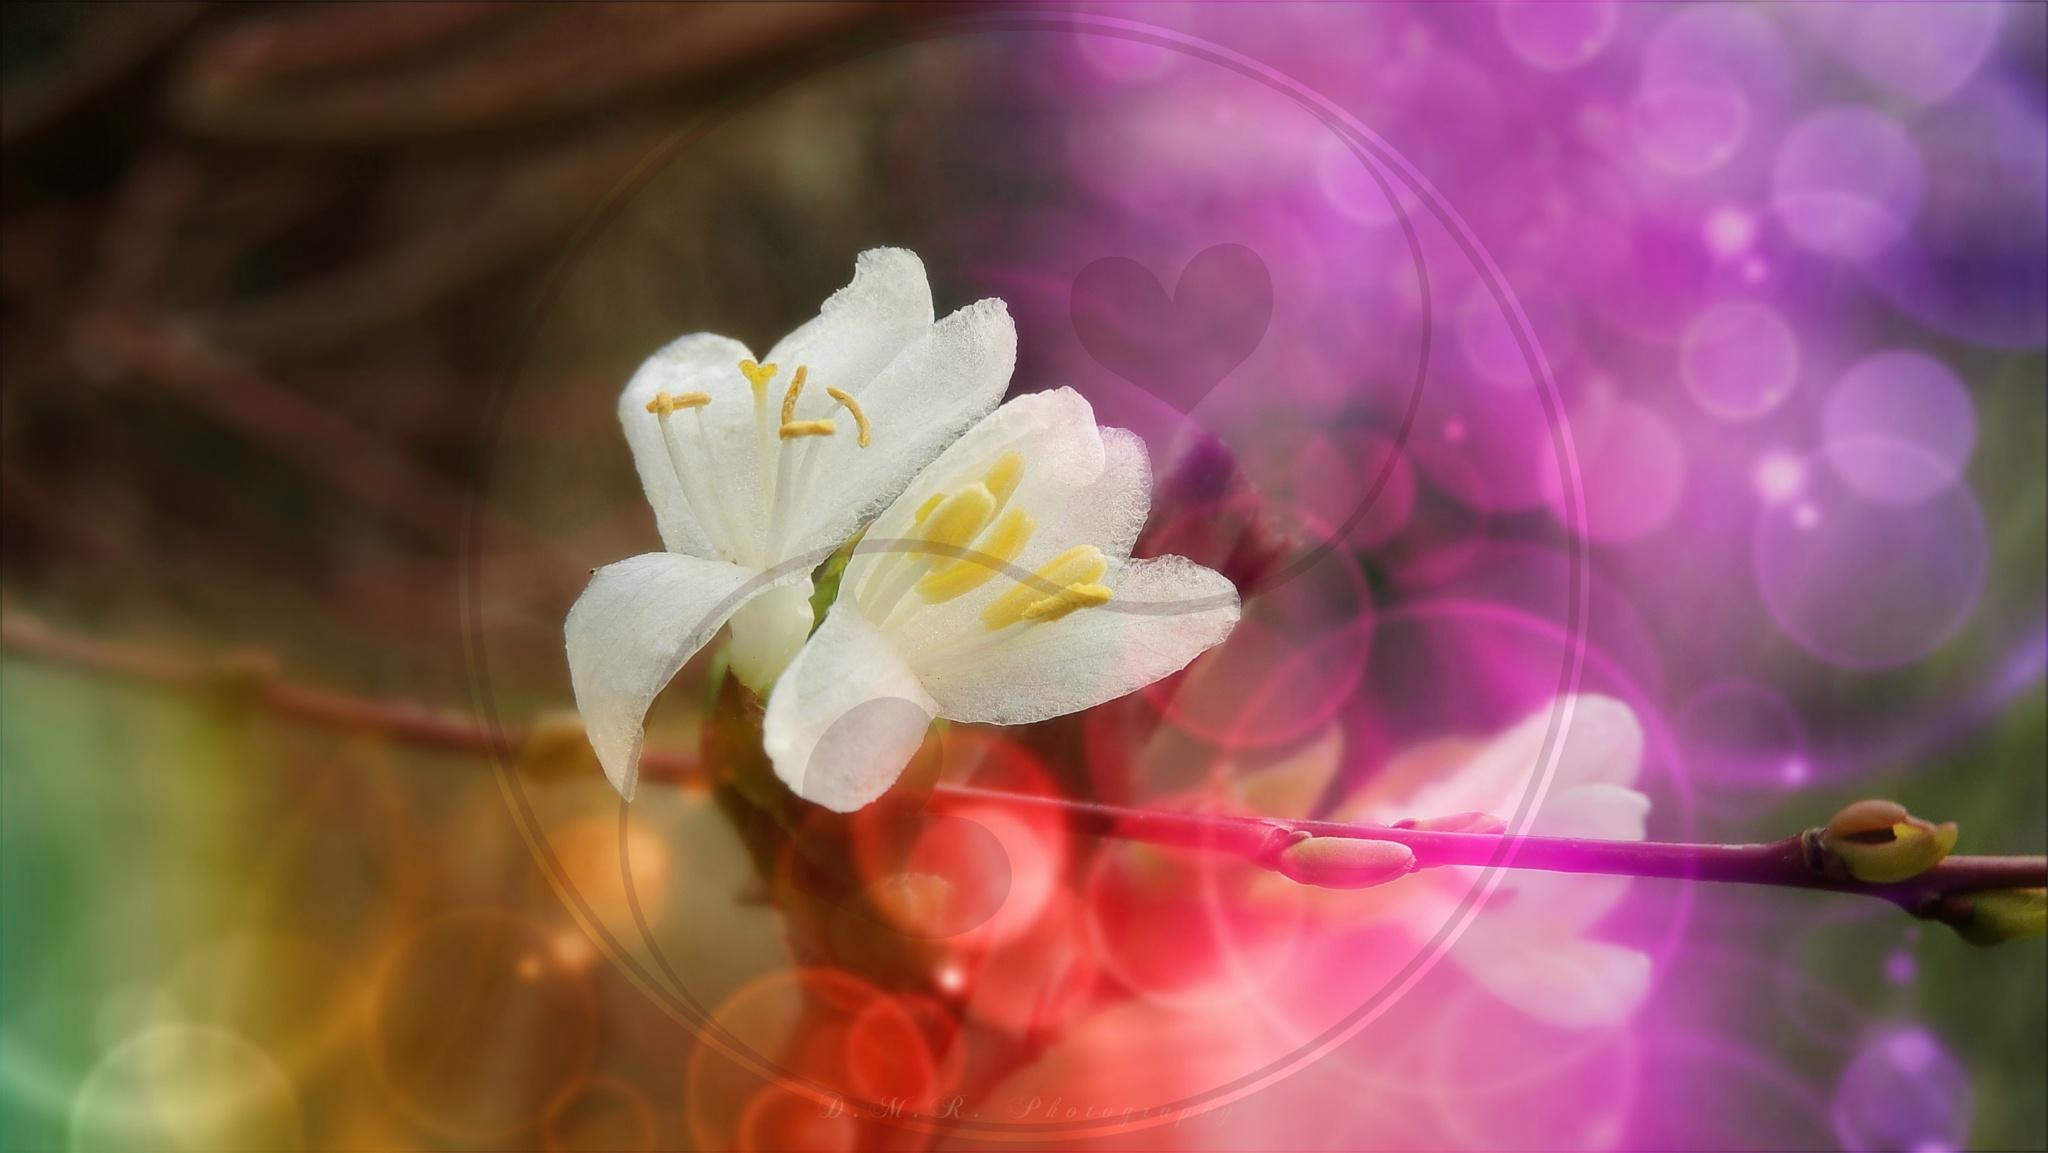 ♡♥♡  Happy Valentine's Day!!!  ♡♥♡ by Драгана М. Реџић